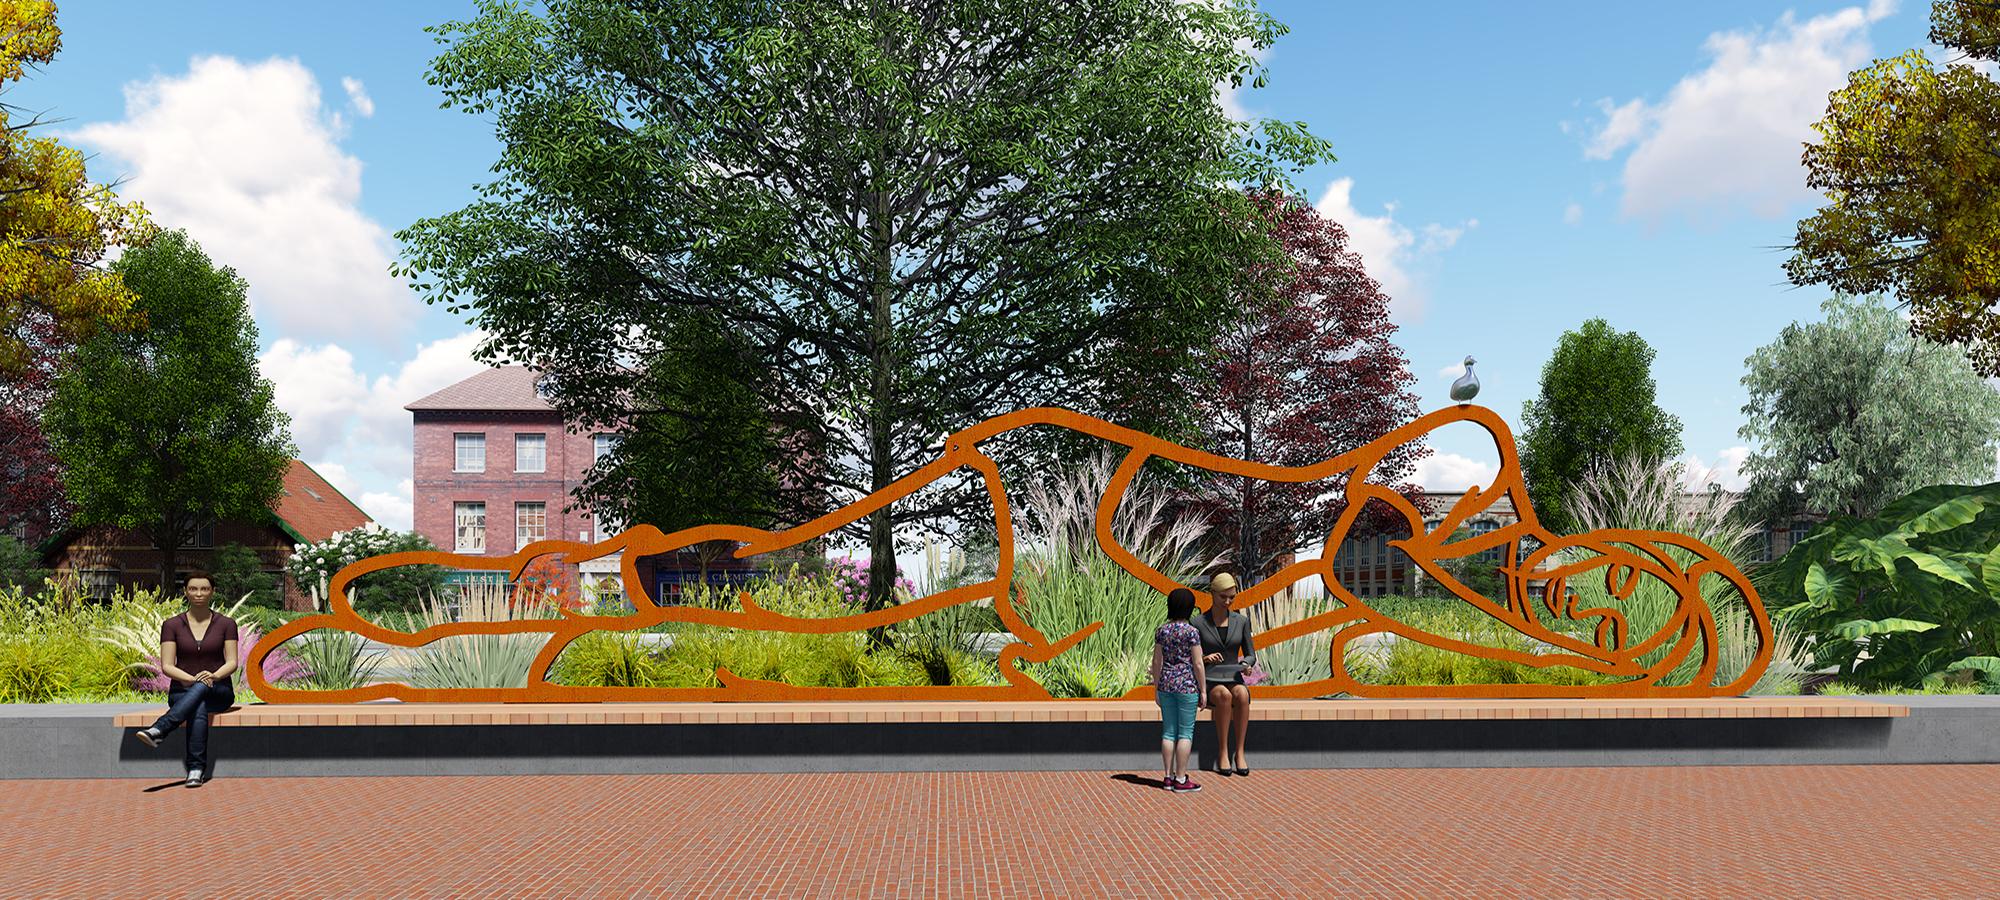 kunst openbare ruimte gemeente Diemen kunstwerk BlokLugthart